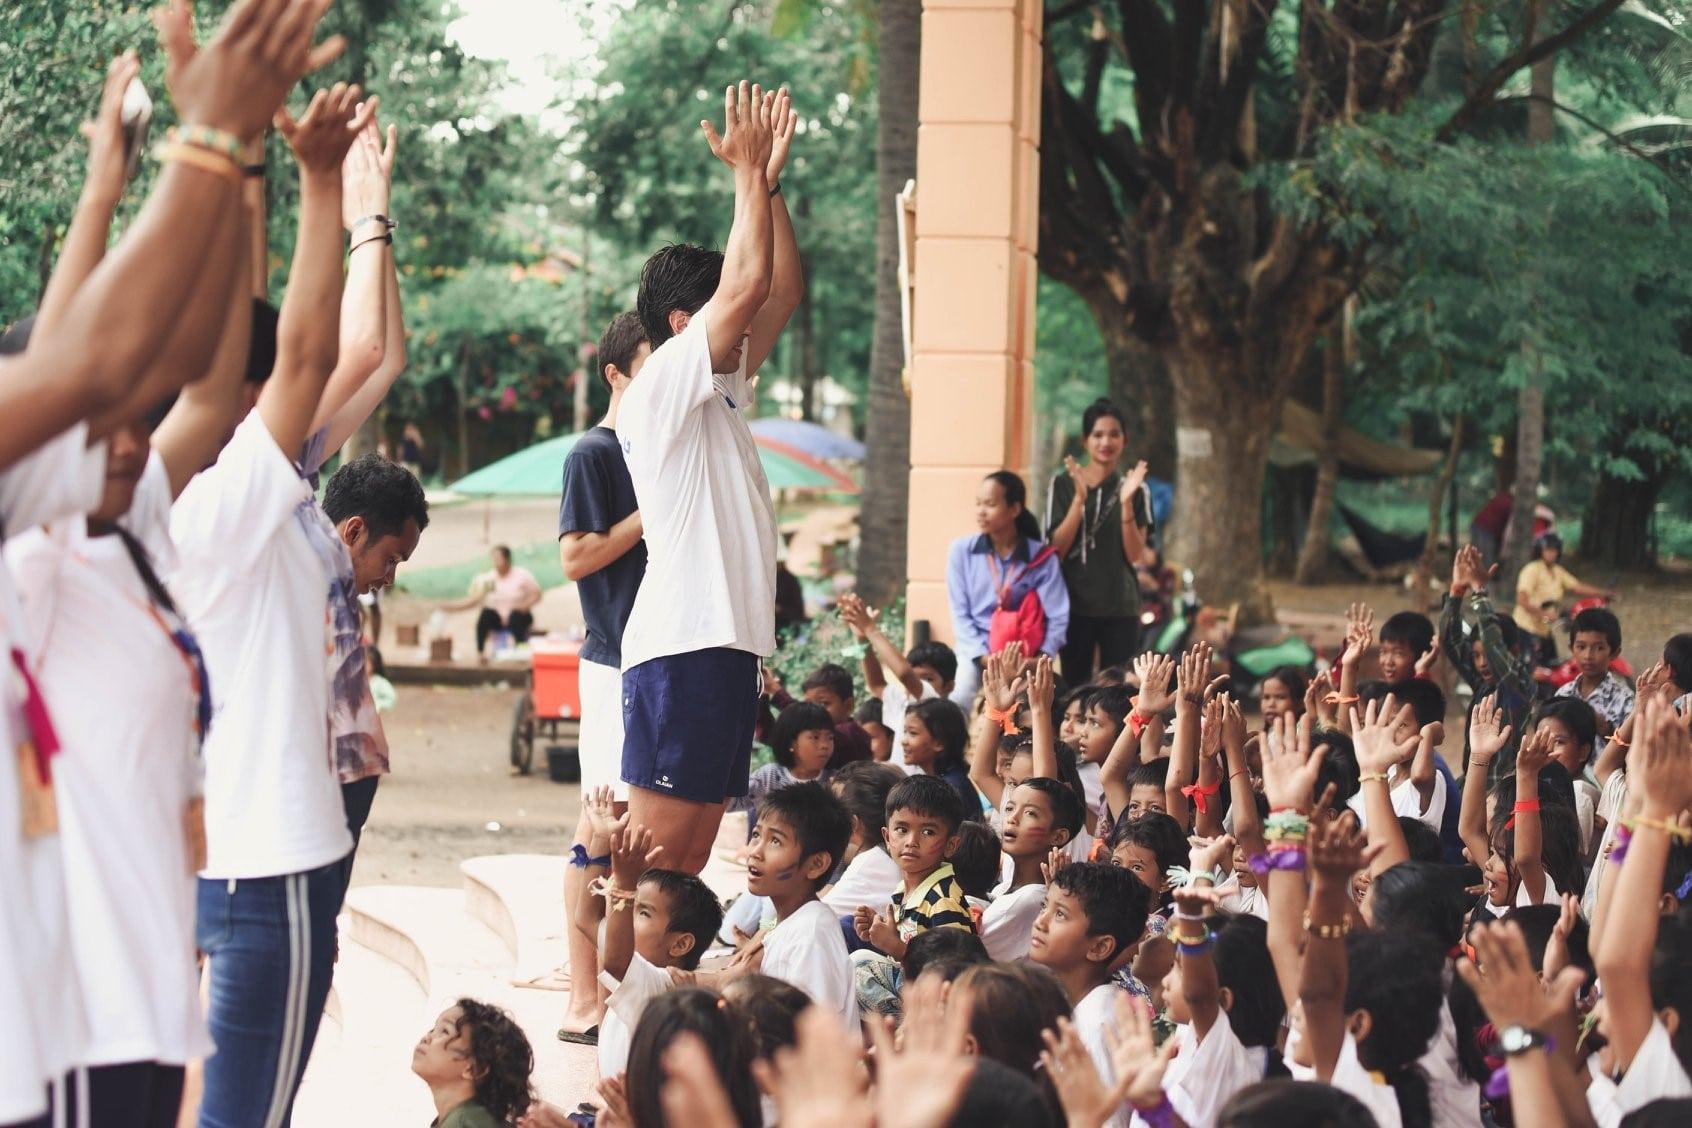 Summercamp Battambang ganador de los Premios al Voluntariado Universitario de la Fundación Mutua Madrileña